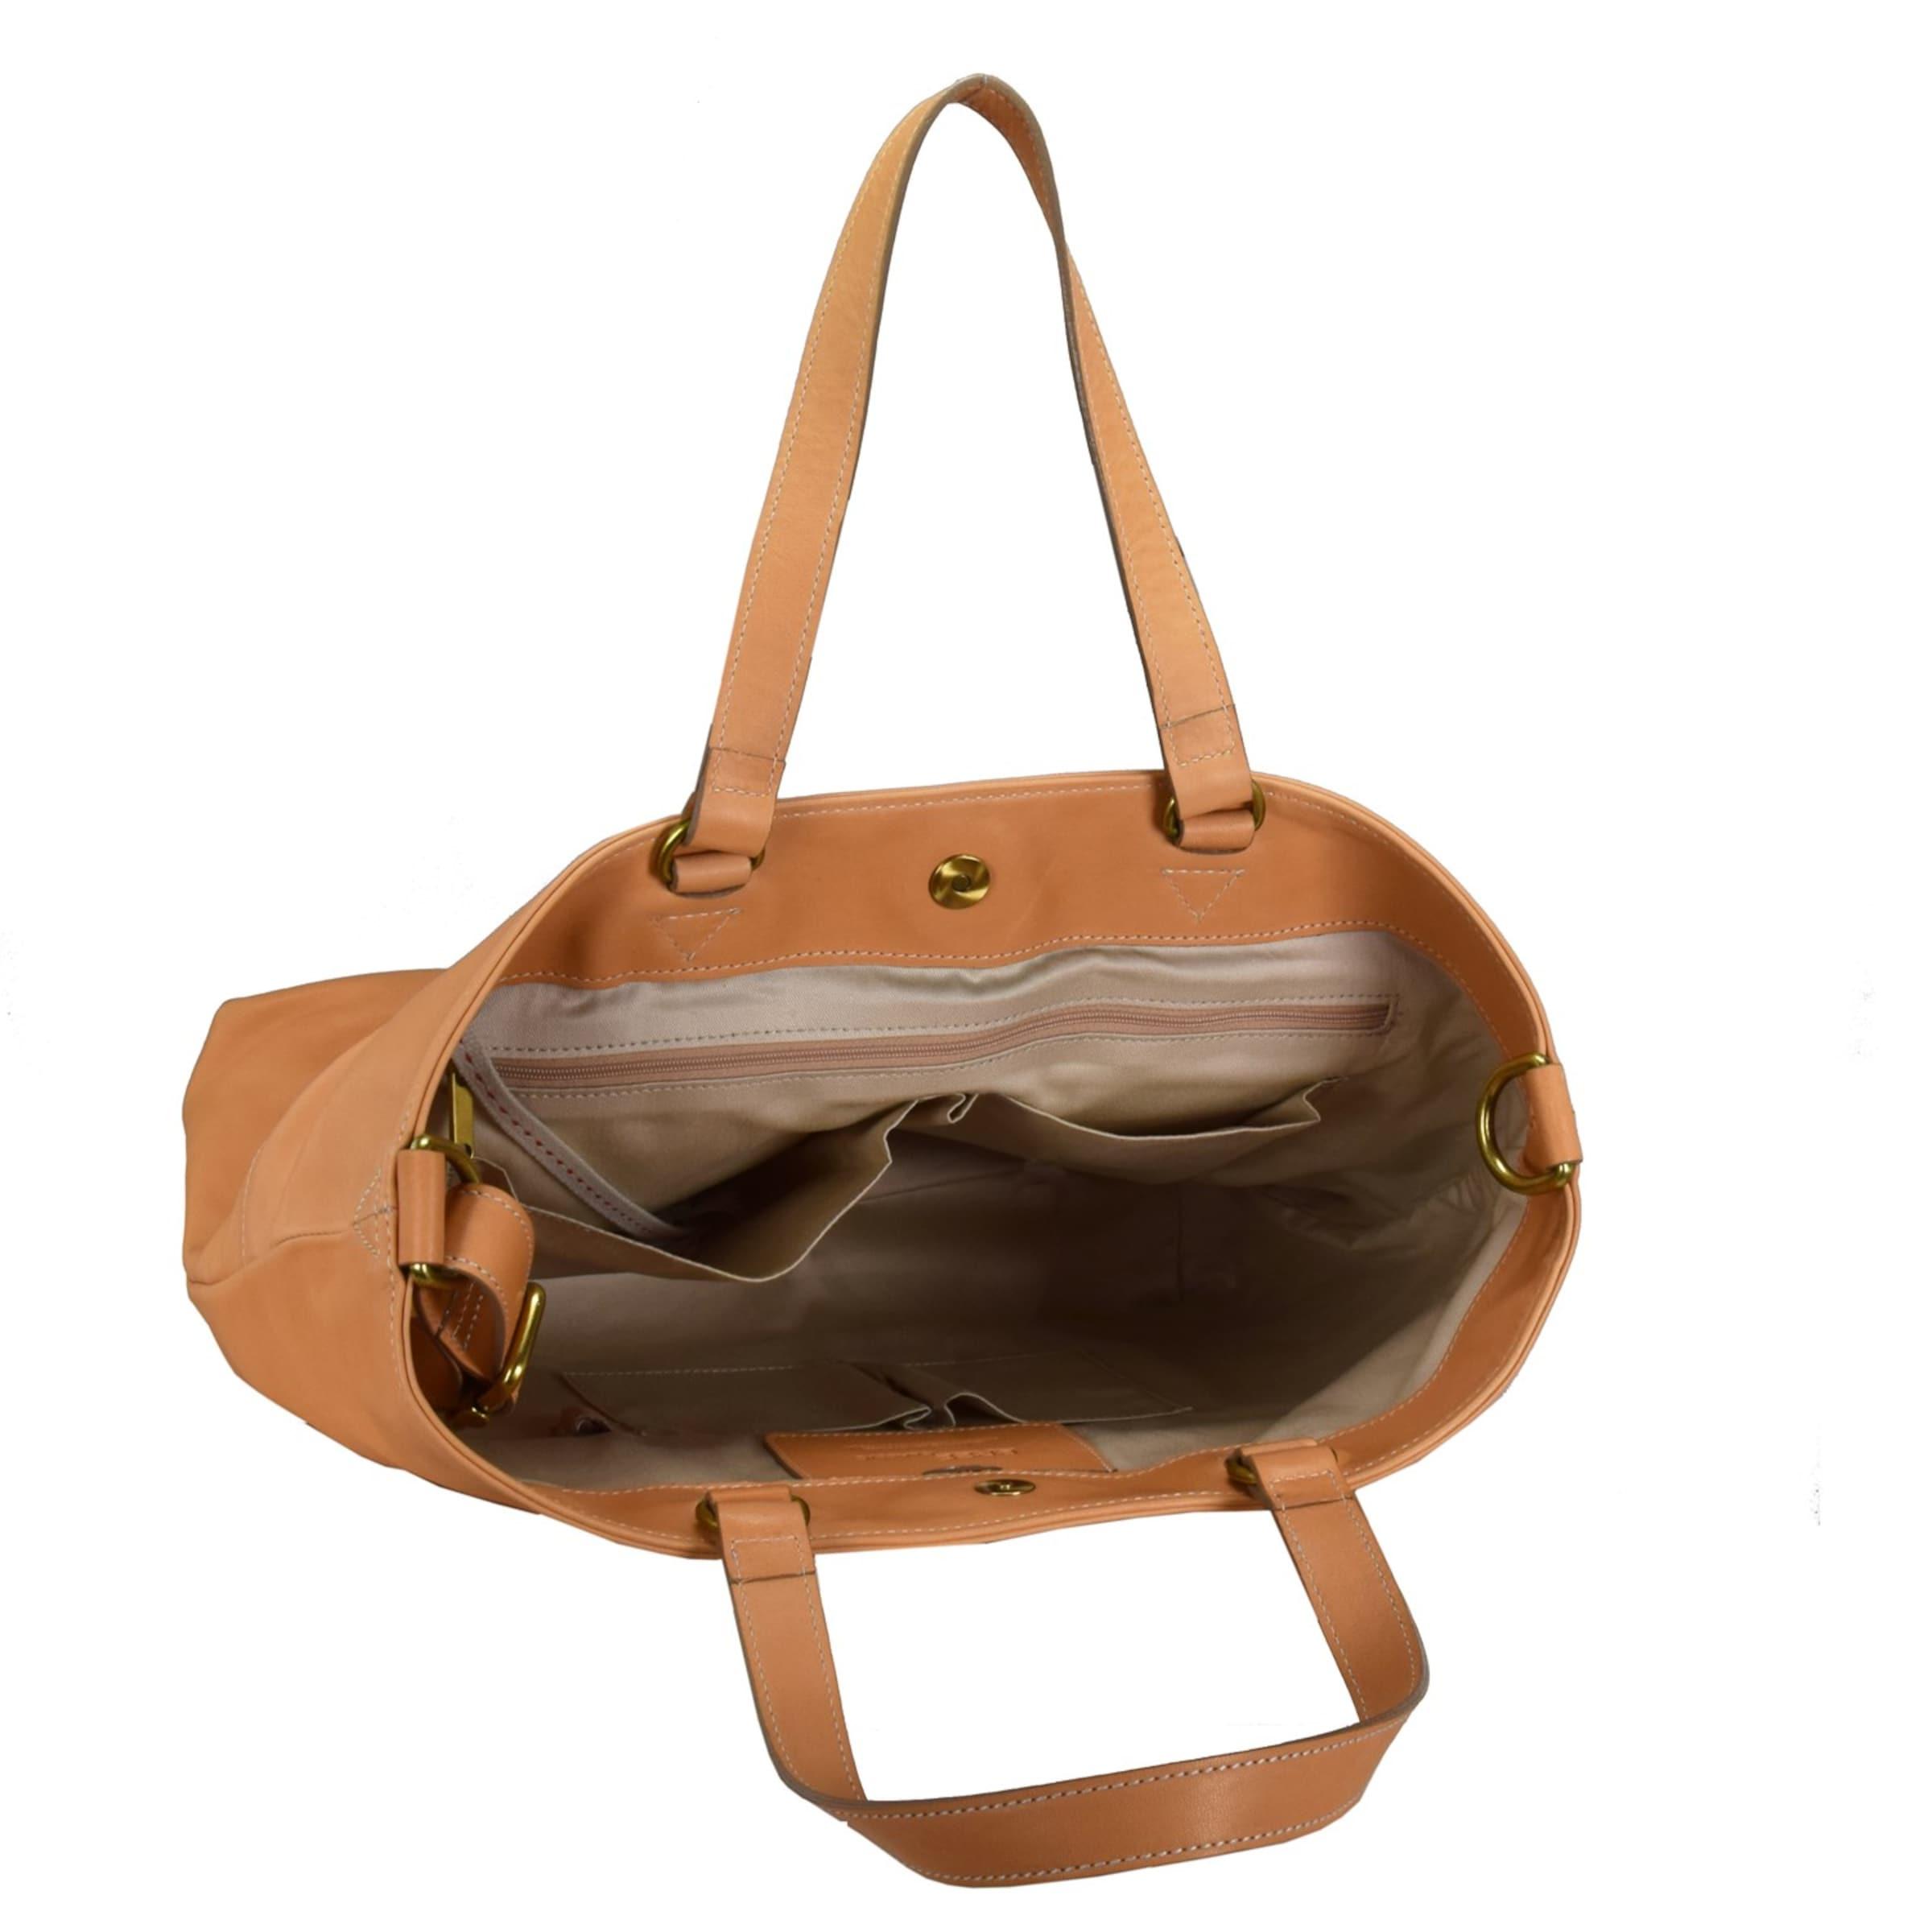 BREE Stockholm 34 Shopper Tasche Leder 38 cm Billig Verkauf Blick Zum Verkauf Footlocker Freies Verschiffen Online-Shopping Günstig Kauft Heißen Verkauf iJnuVDEY28